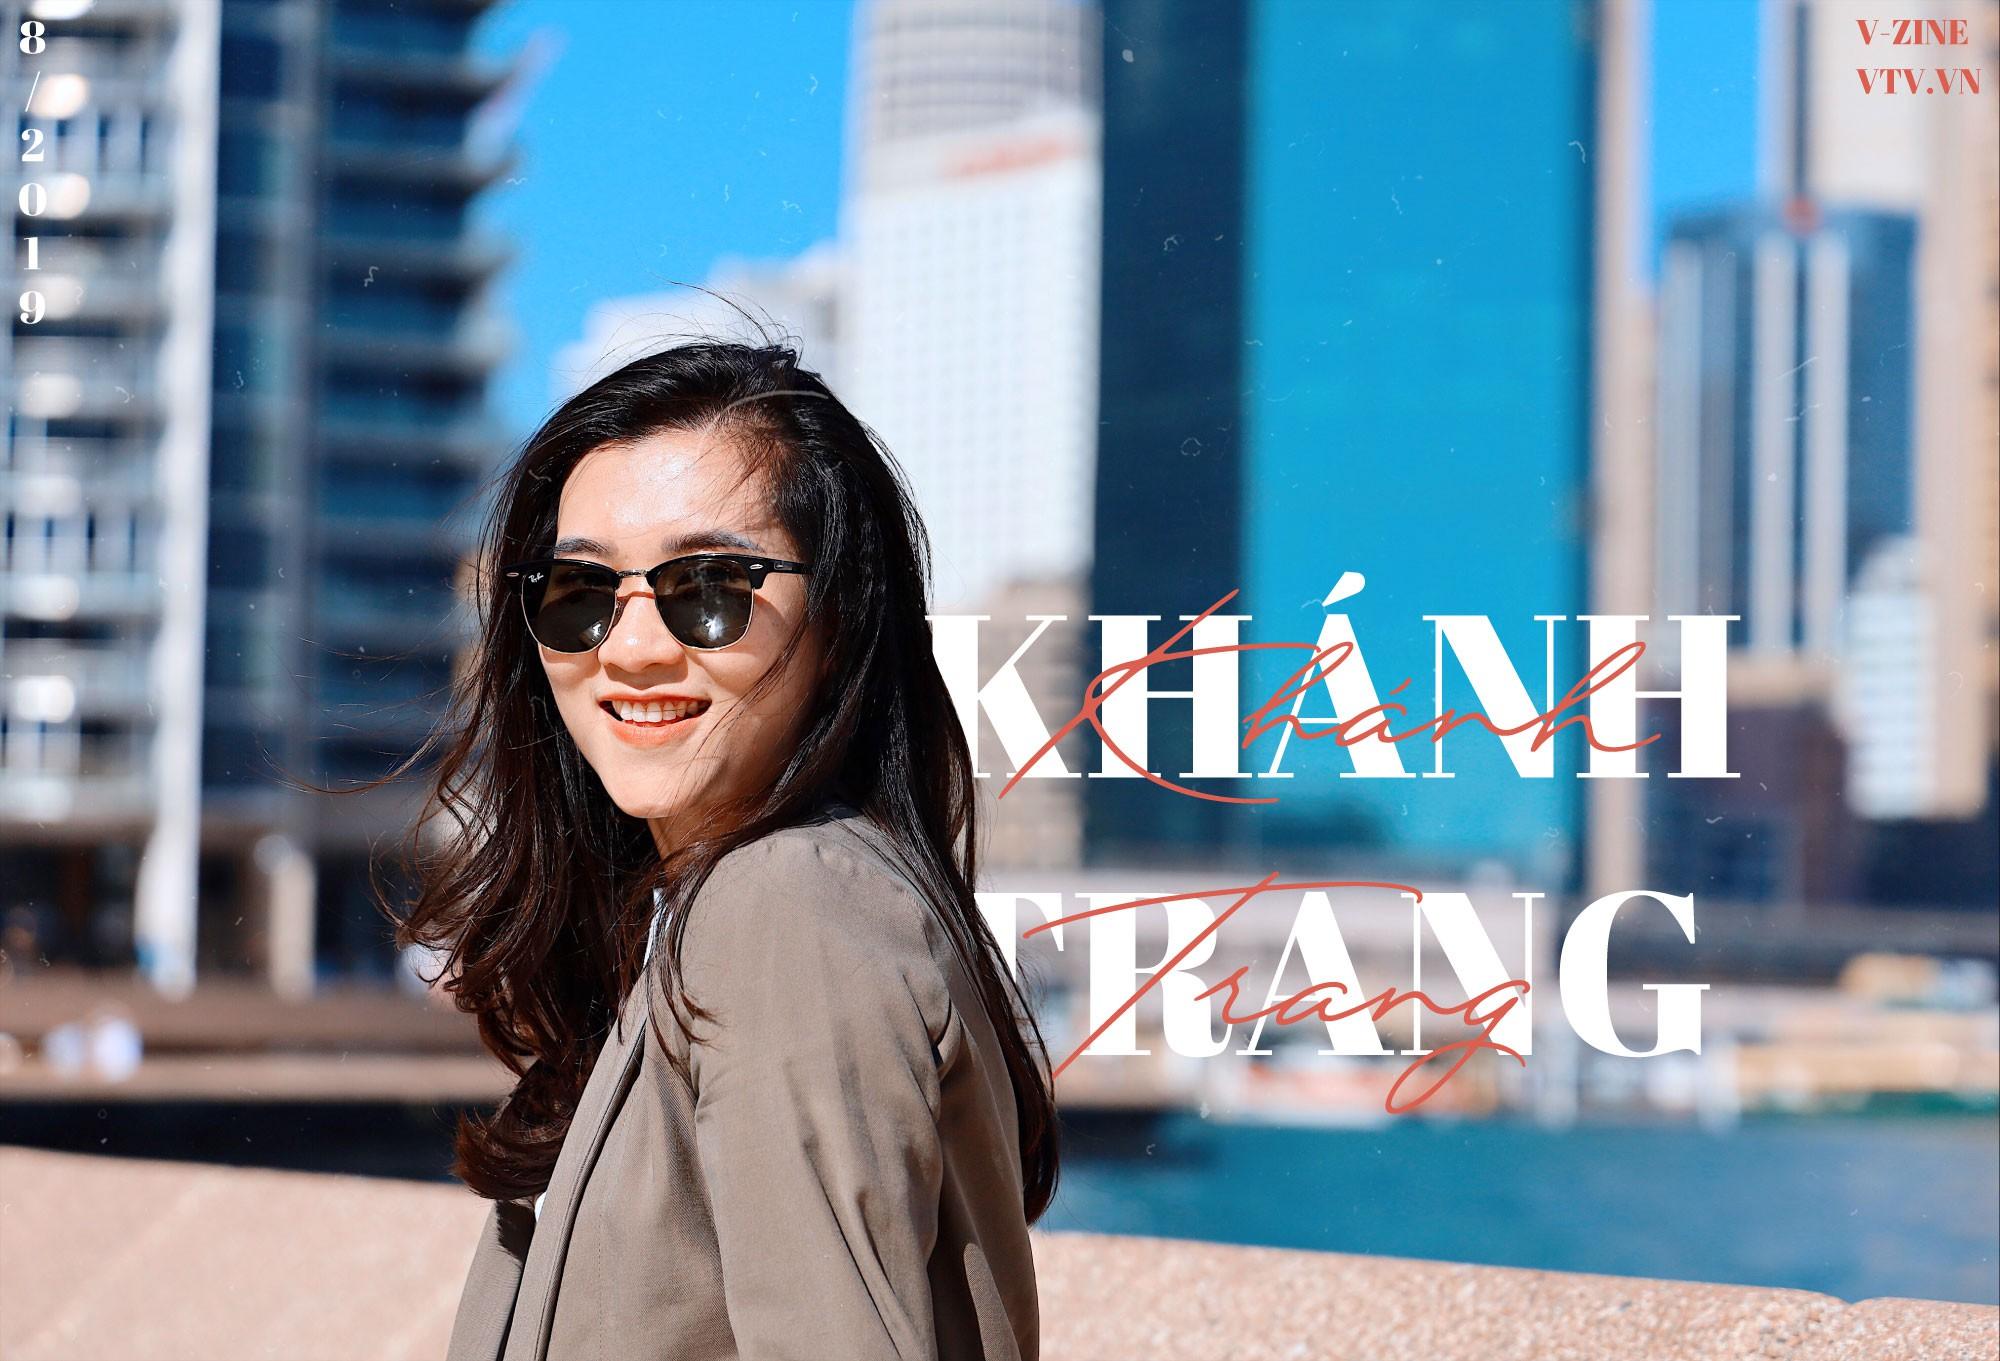 BTV Khánh Trang: Trở về Bản tin Thời sự 19h là sự trở về tràn đầy tự tin và năng lượng - Ảnh 15.